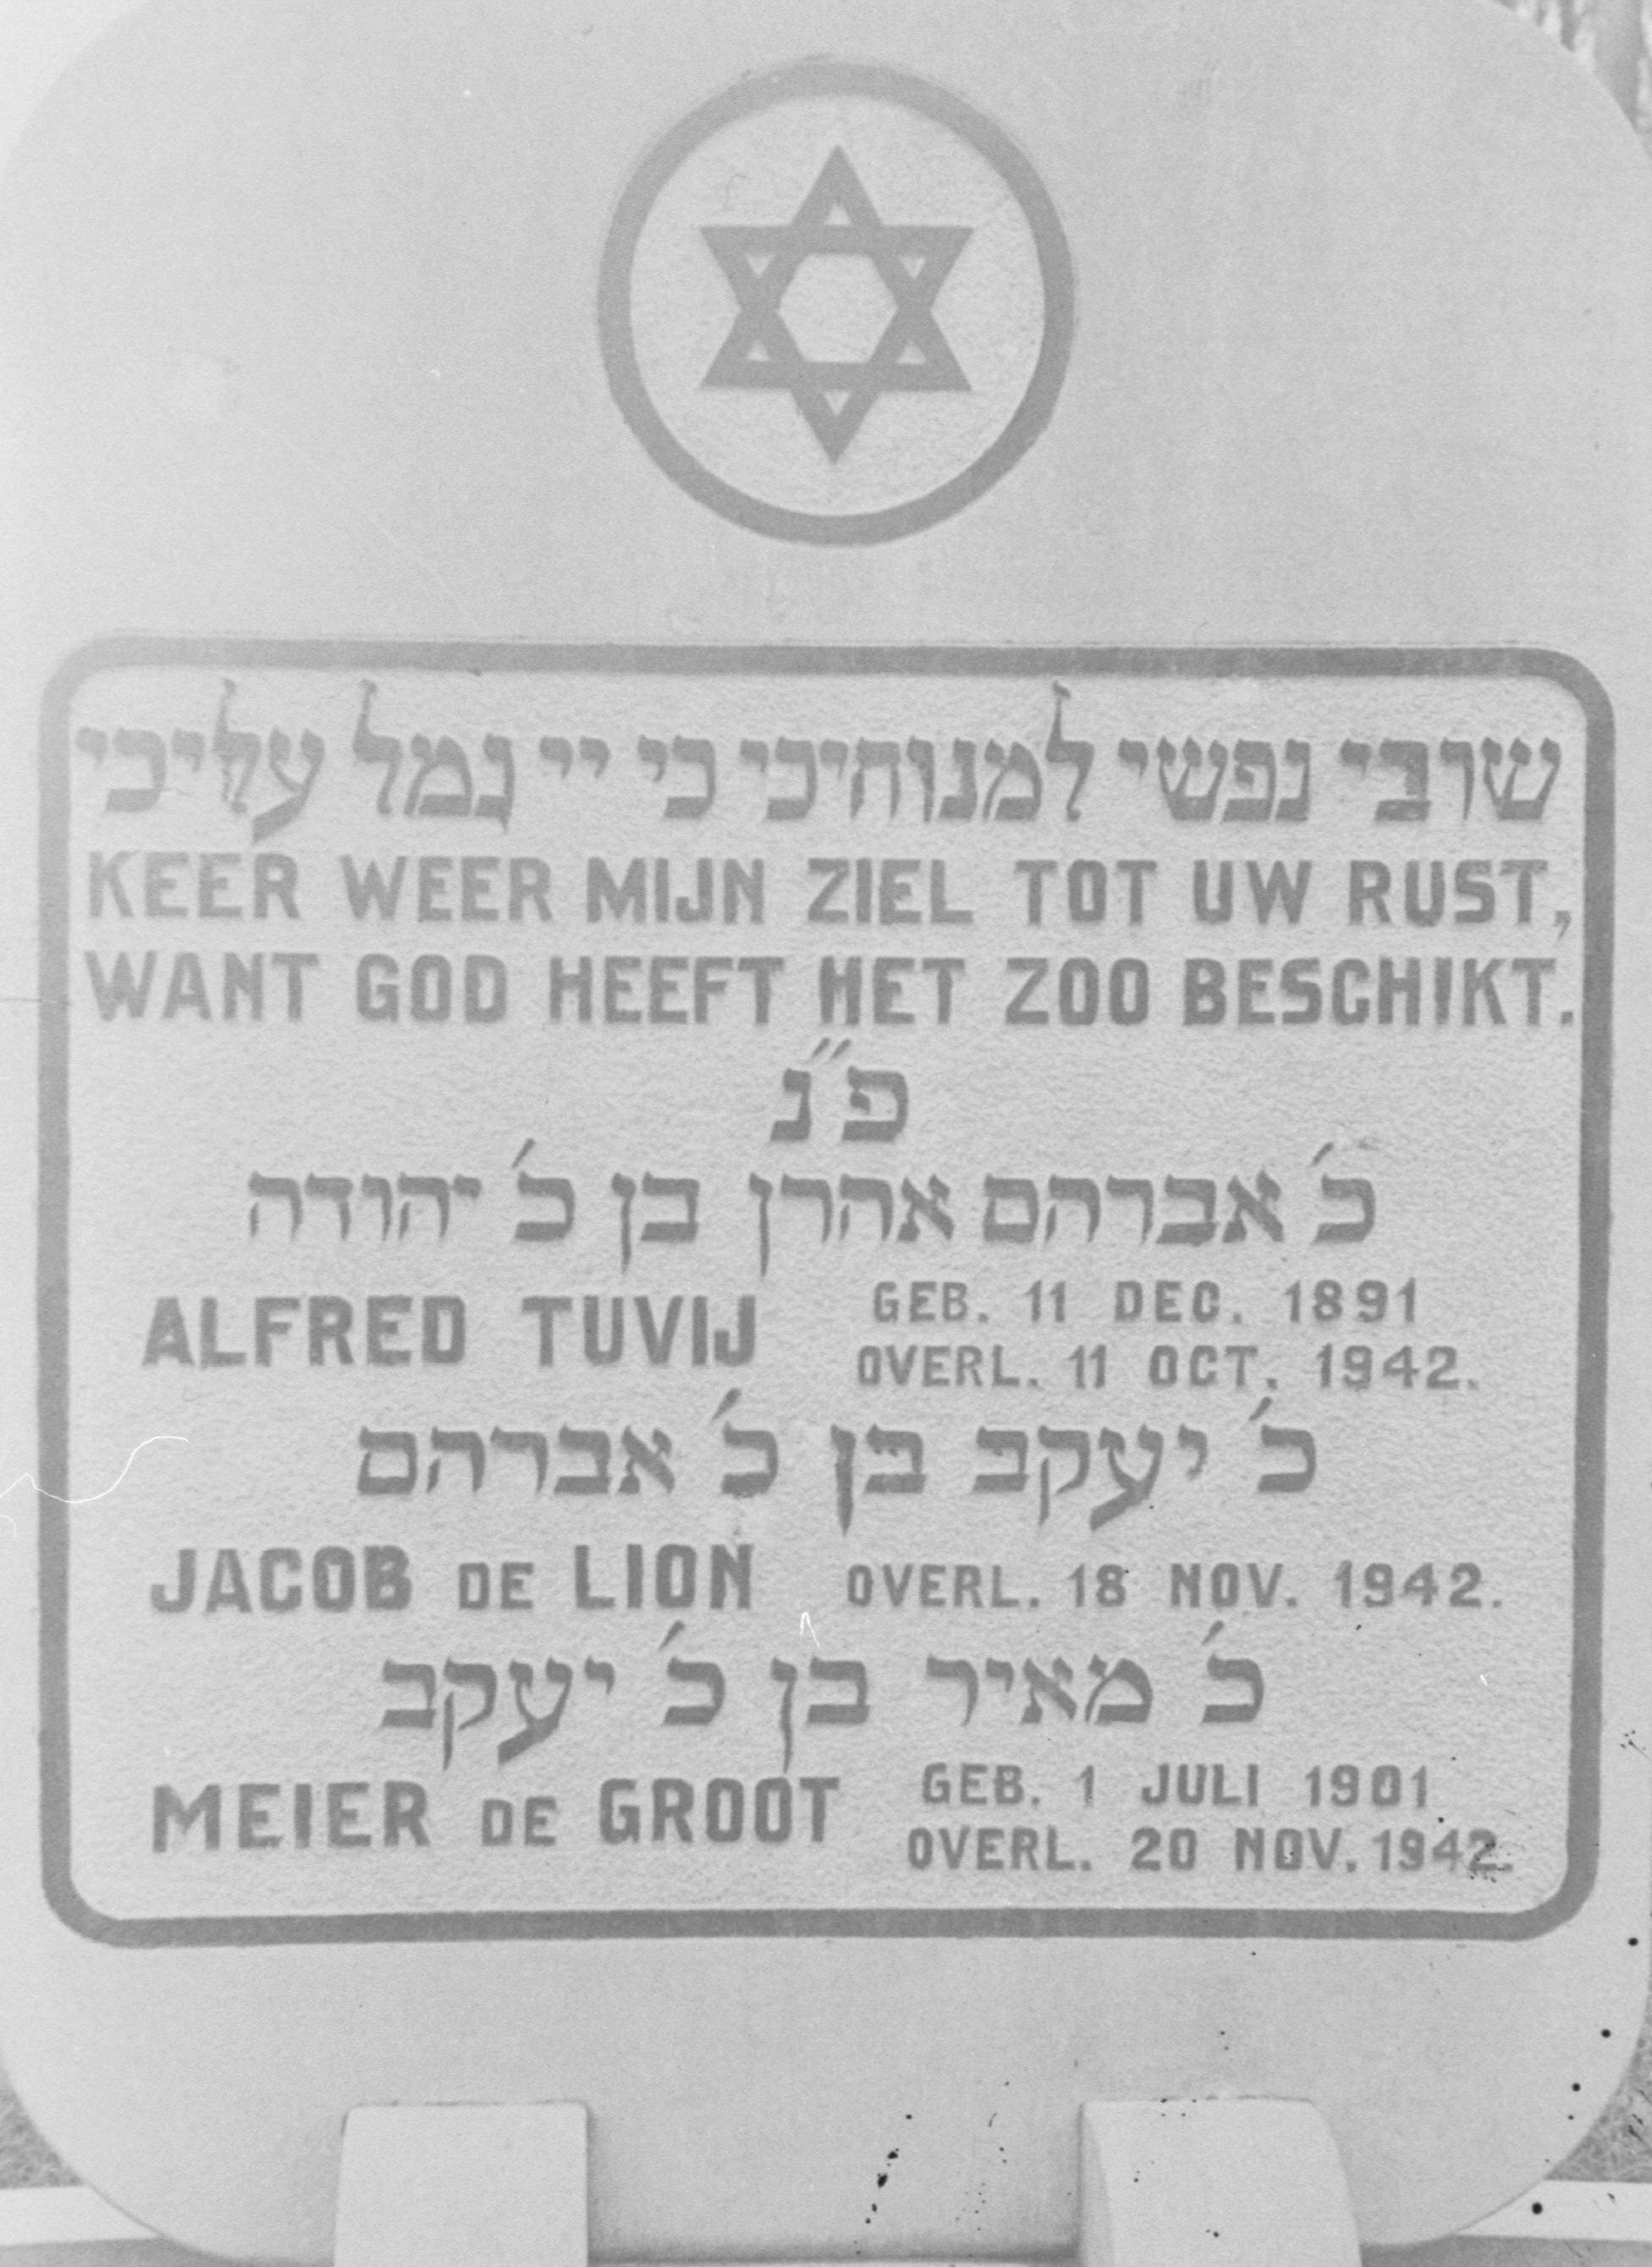 Grafsteen in Ellecom voor de slachtoffers van Avegoor.